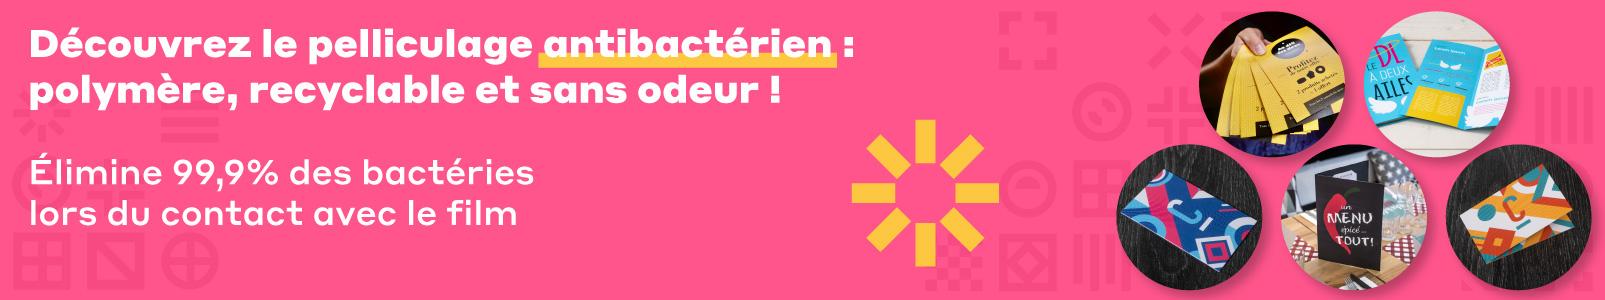 Nouveauté : le pelliculage antibactérien pour une communication hygiène-friendly !